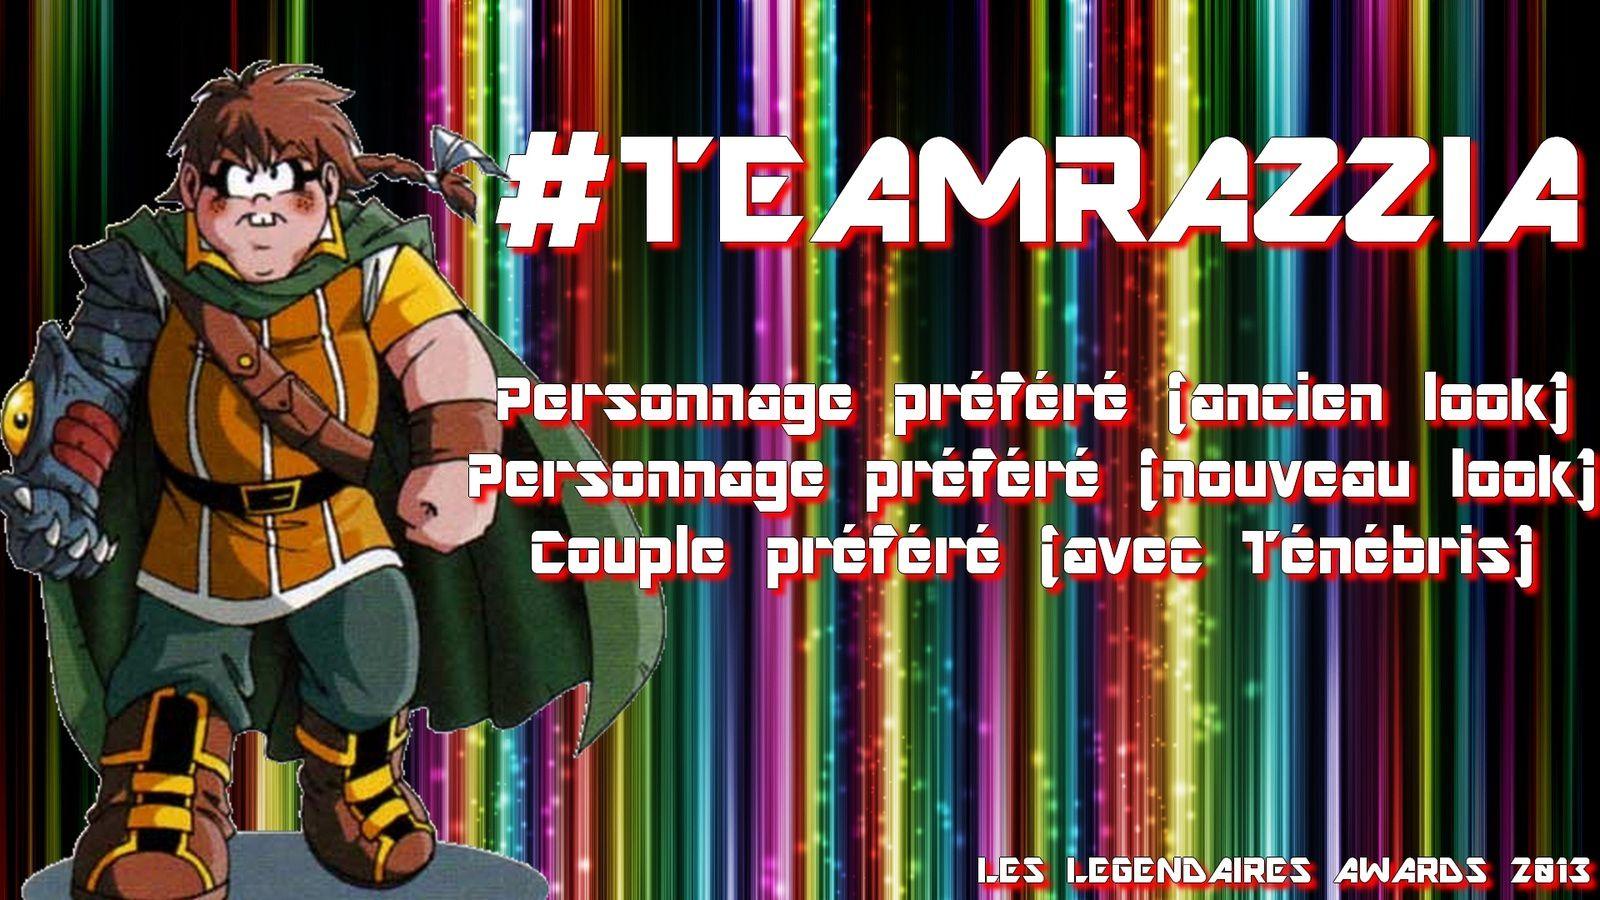 [Les Légendaires Awards] : Découvrez l'affiche de la #TeamRazzia